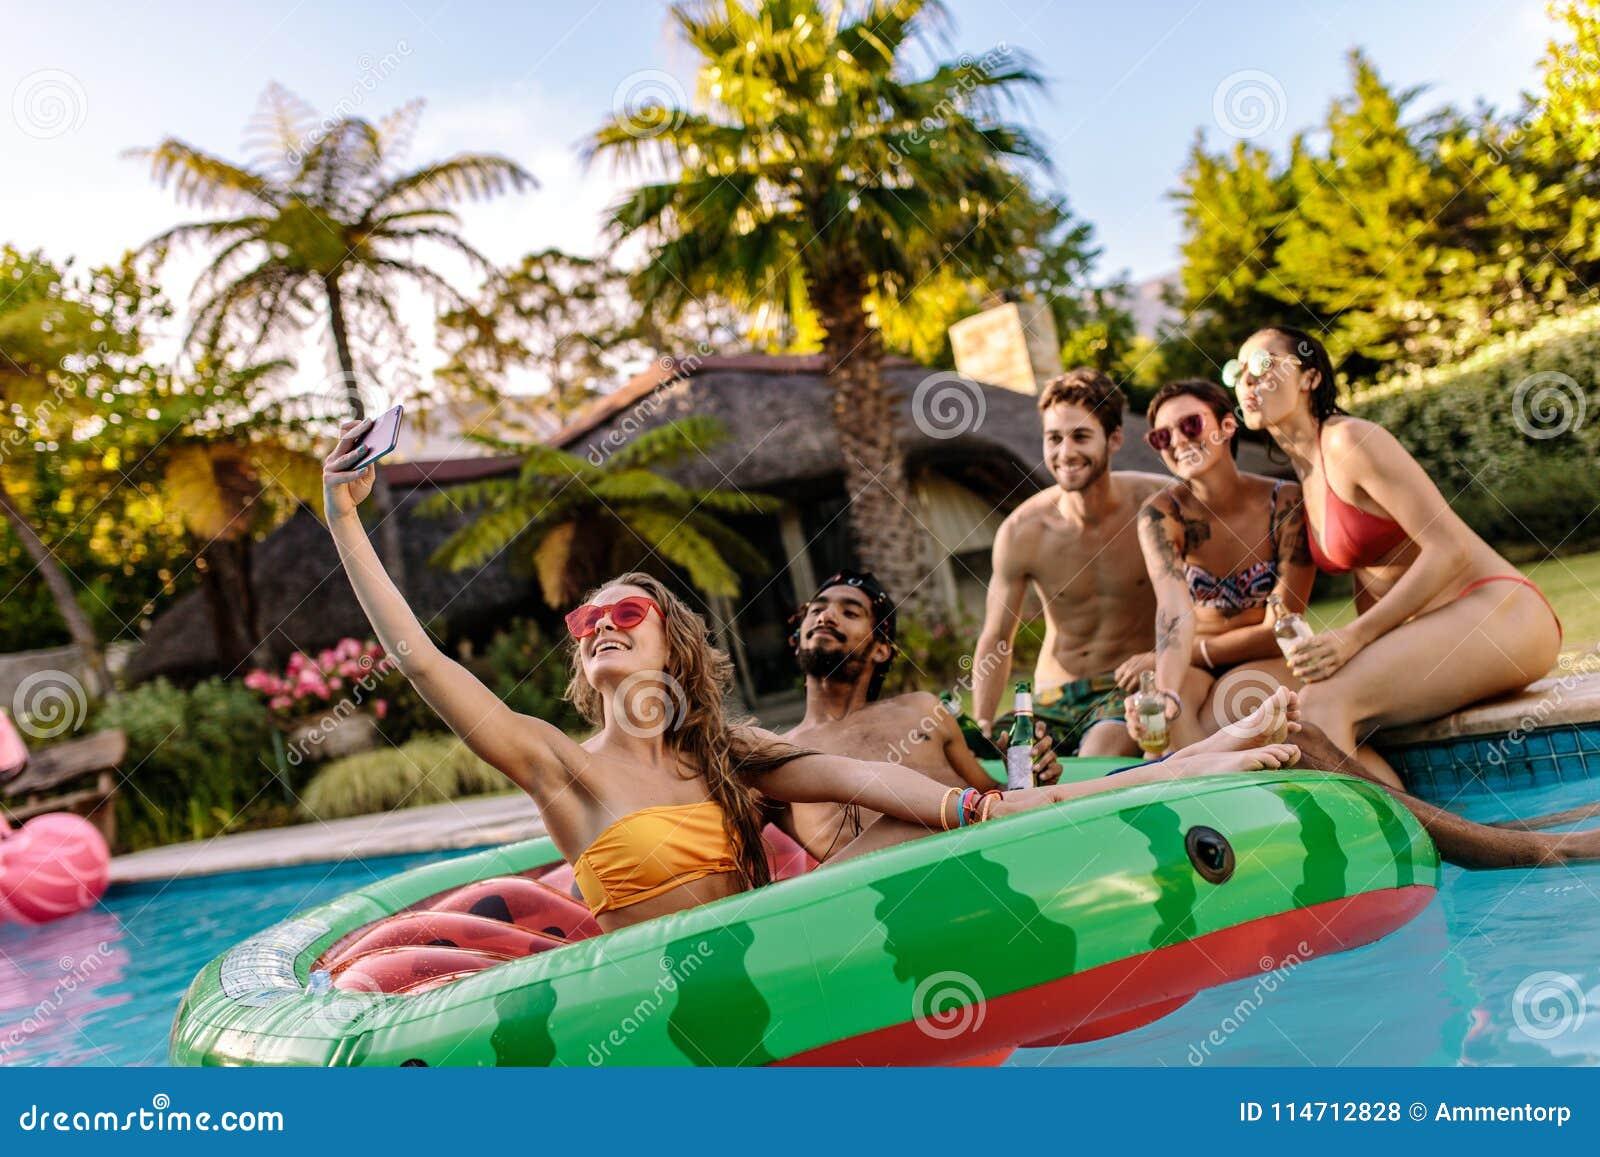 Девушка при друзья принимая selfie на вечеринку у бассейна